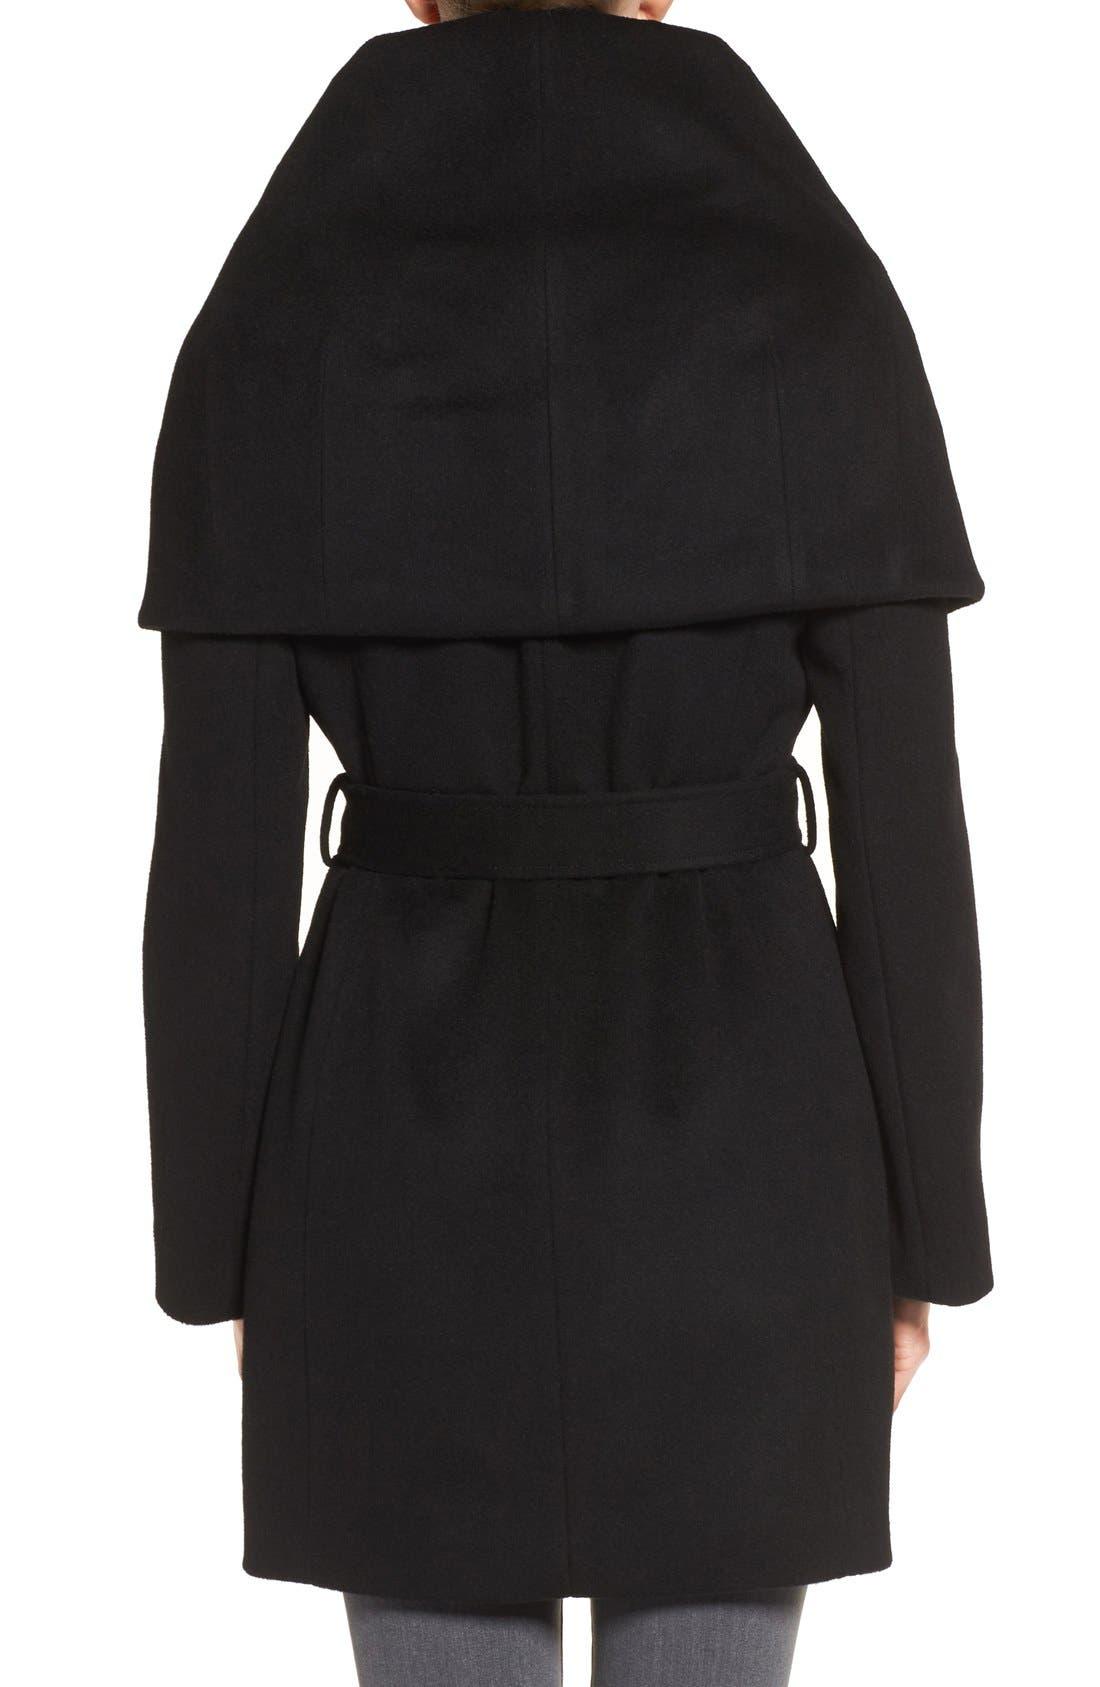 TAHARI, T Tahari Wool Blend Belted Wrap Coat, Alternate thumbnail 5, color, 001